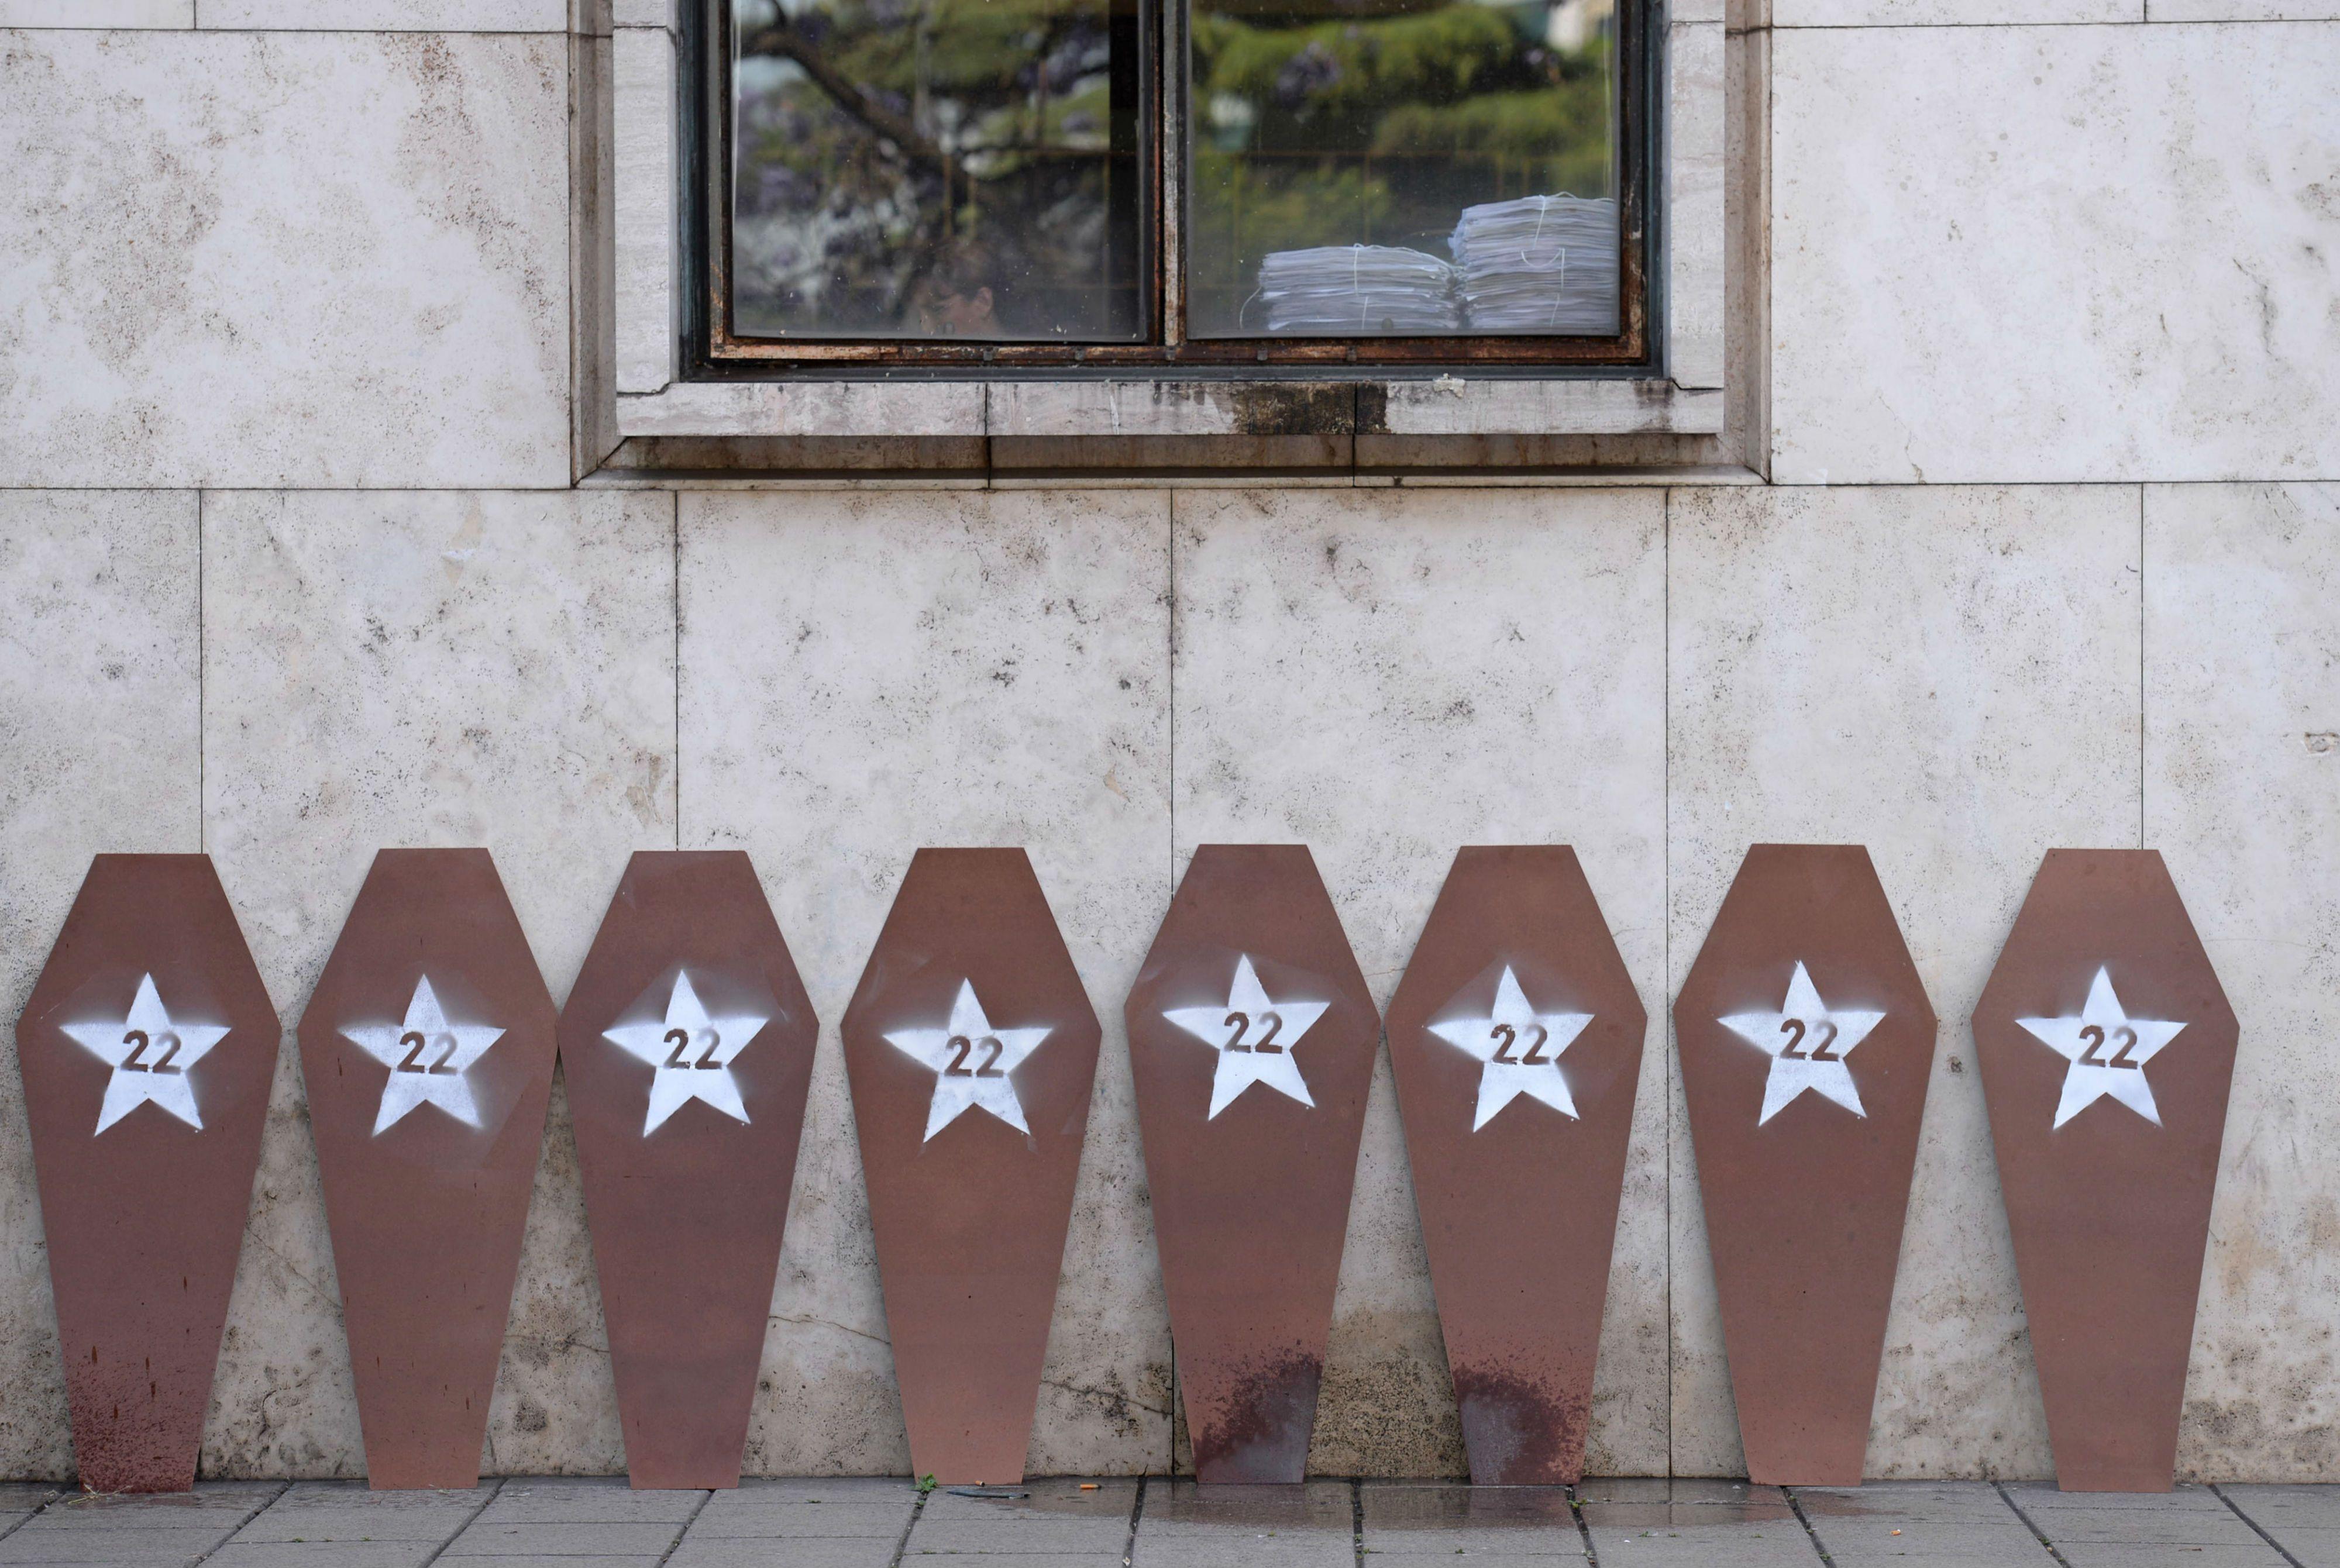 Los familiares llevaron réplicas de tapas de féretros con 22 estrellas para recordar a las víctimas. (Foto: S. Salinas)